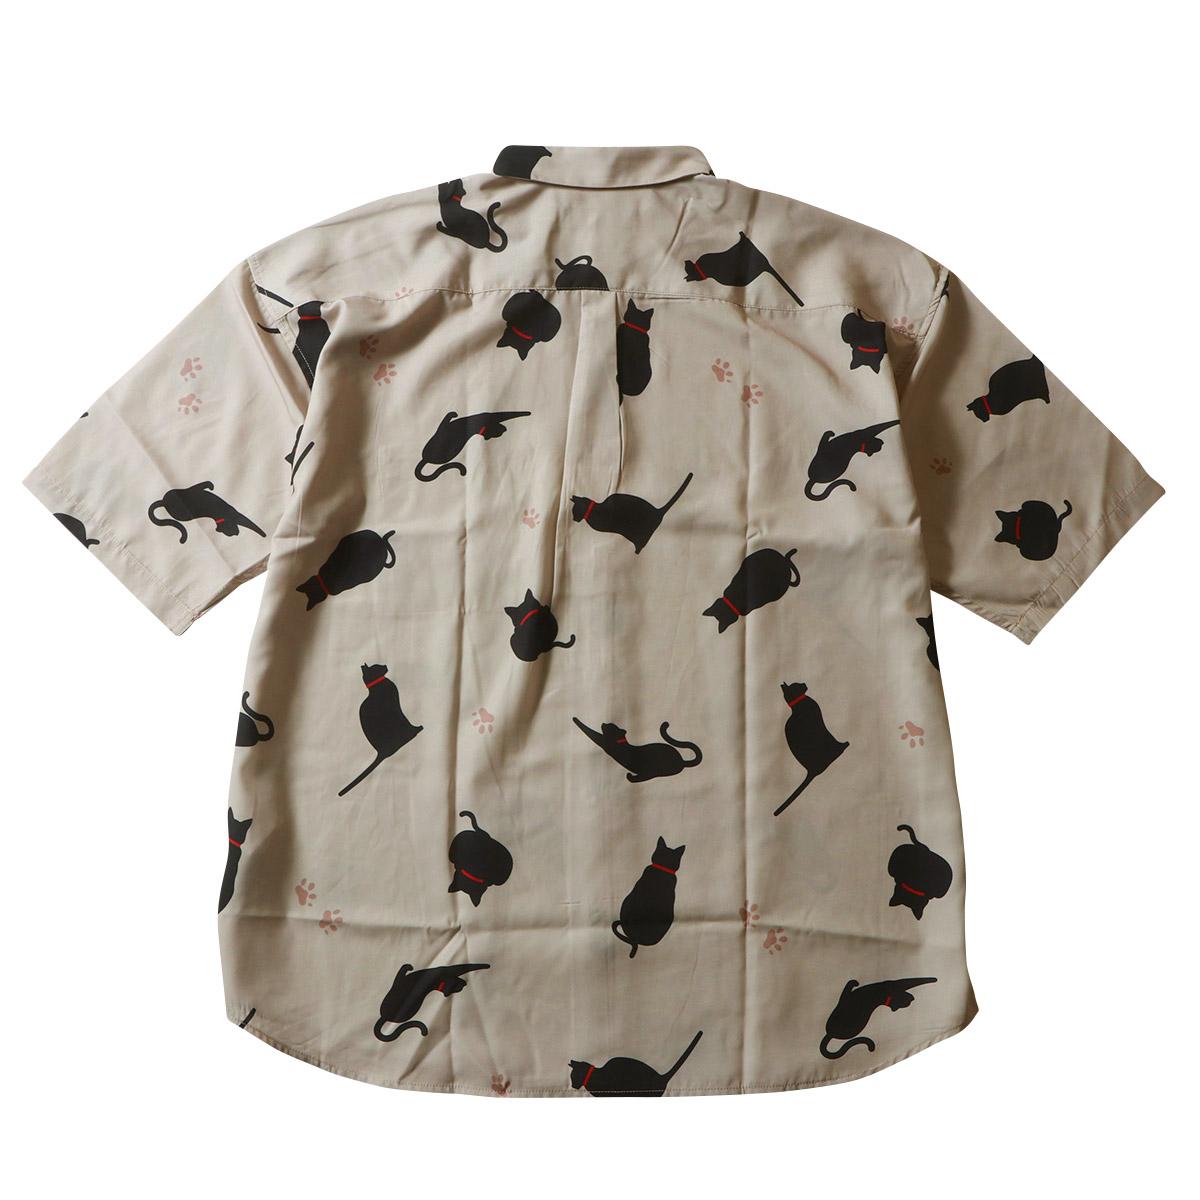 ネコ プリント 接触冷感 総柄半袖シャツ ドロップショルダー